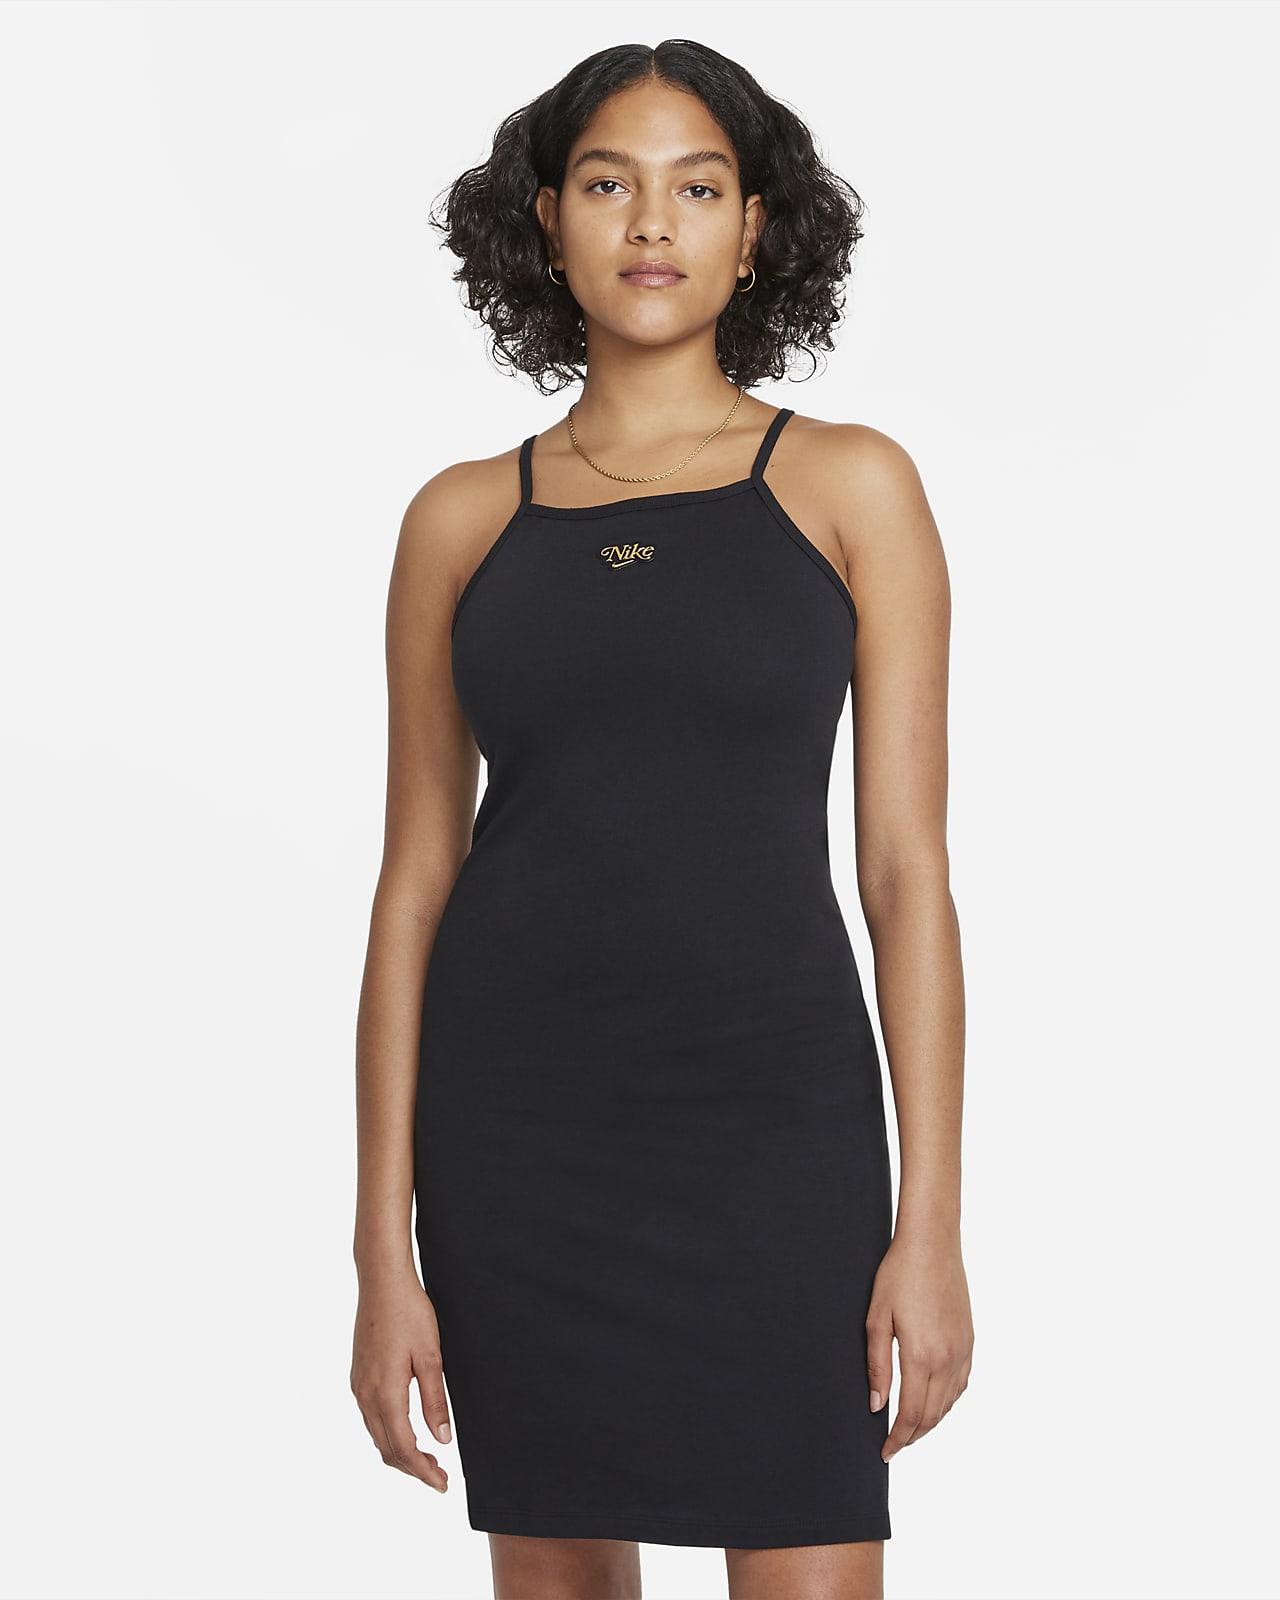 Vestido Nike Sportswear Femme para mulher